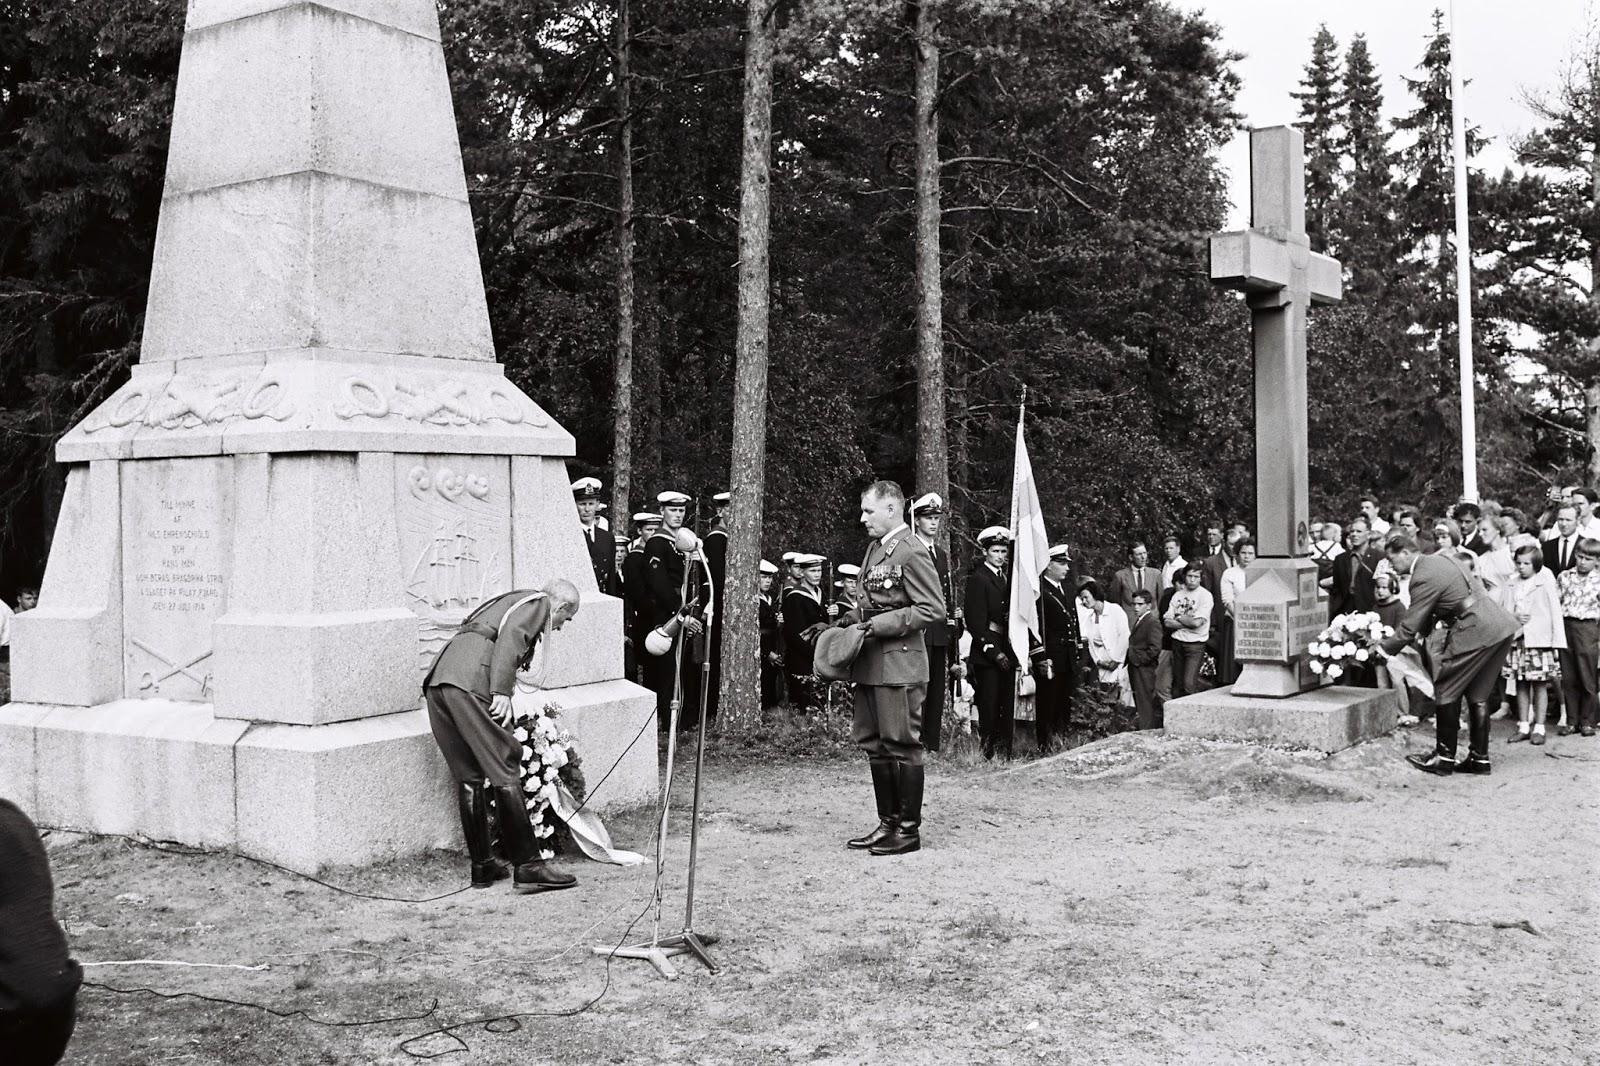 Ханко, Гангут, Финляндия, Северная война